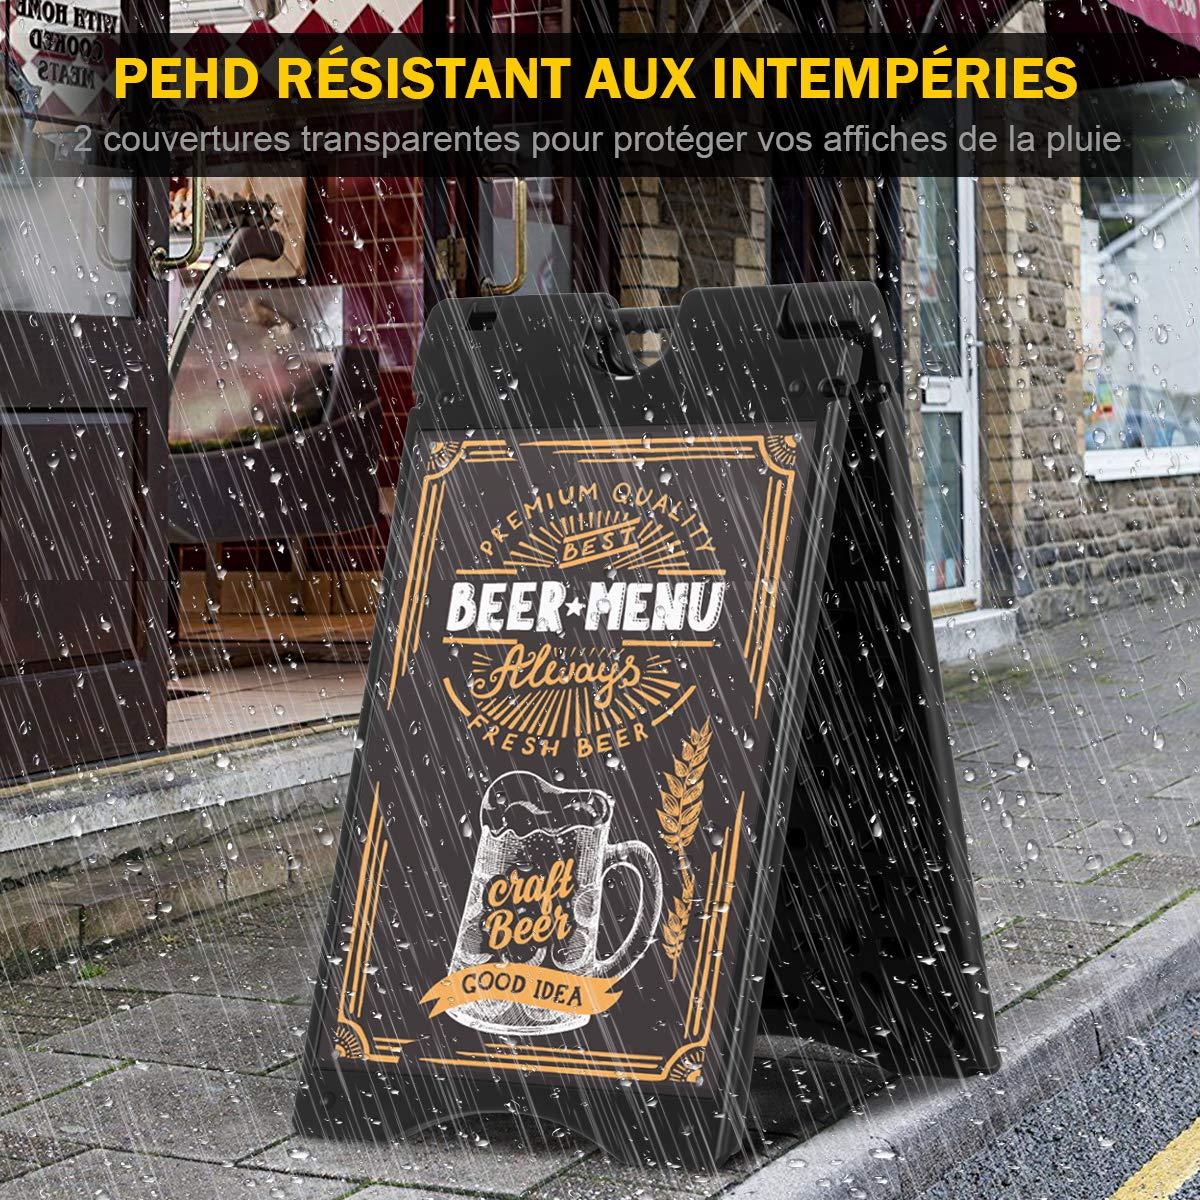 Noir COSTWAY Porte-Affiche Stop Chevalet Trottoir HDPE Panneau d/' Affichage avec 2 Films en Plastique Robuste 95x61x7.8cm